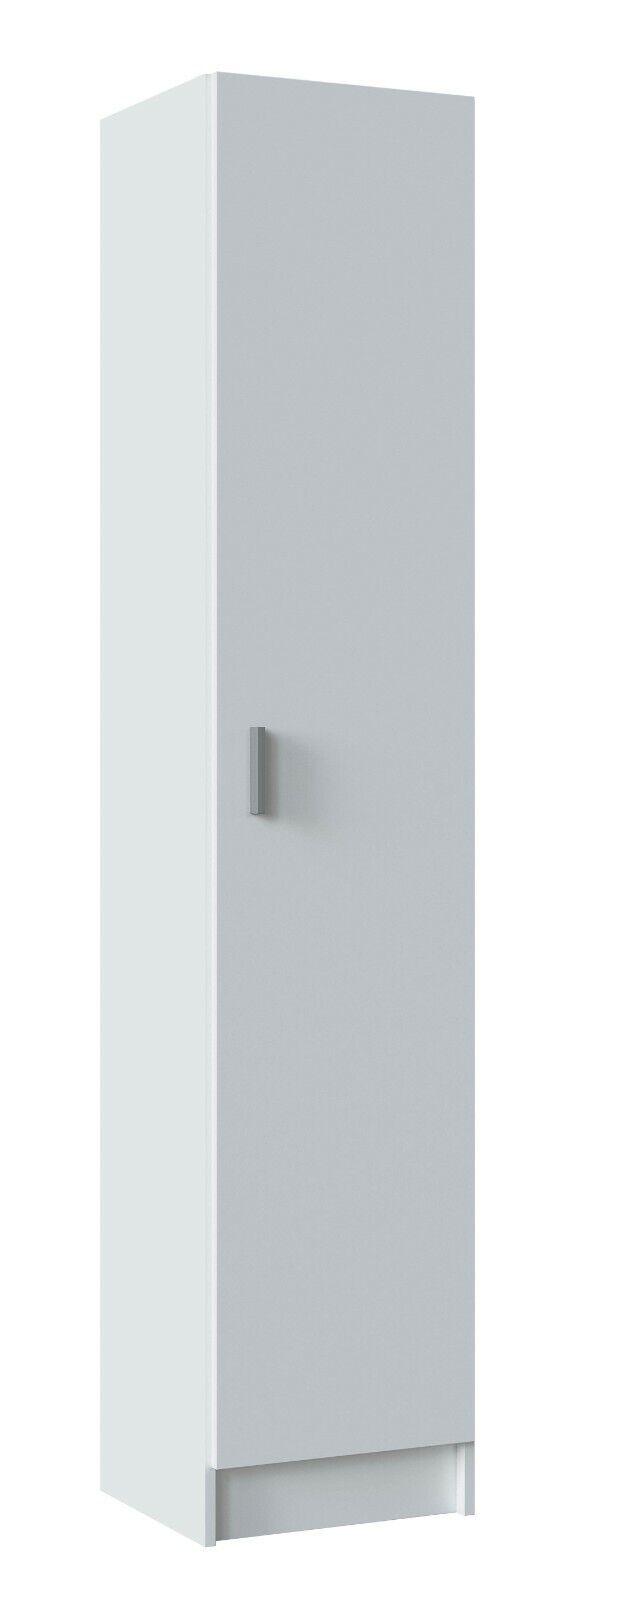 Armario multiusos auxiliar alto 1 puerta color blanco con estantes interiores